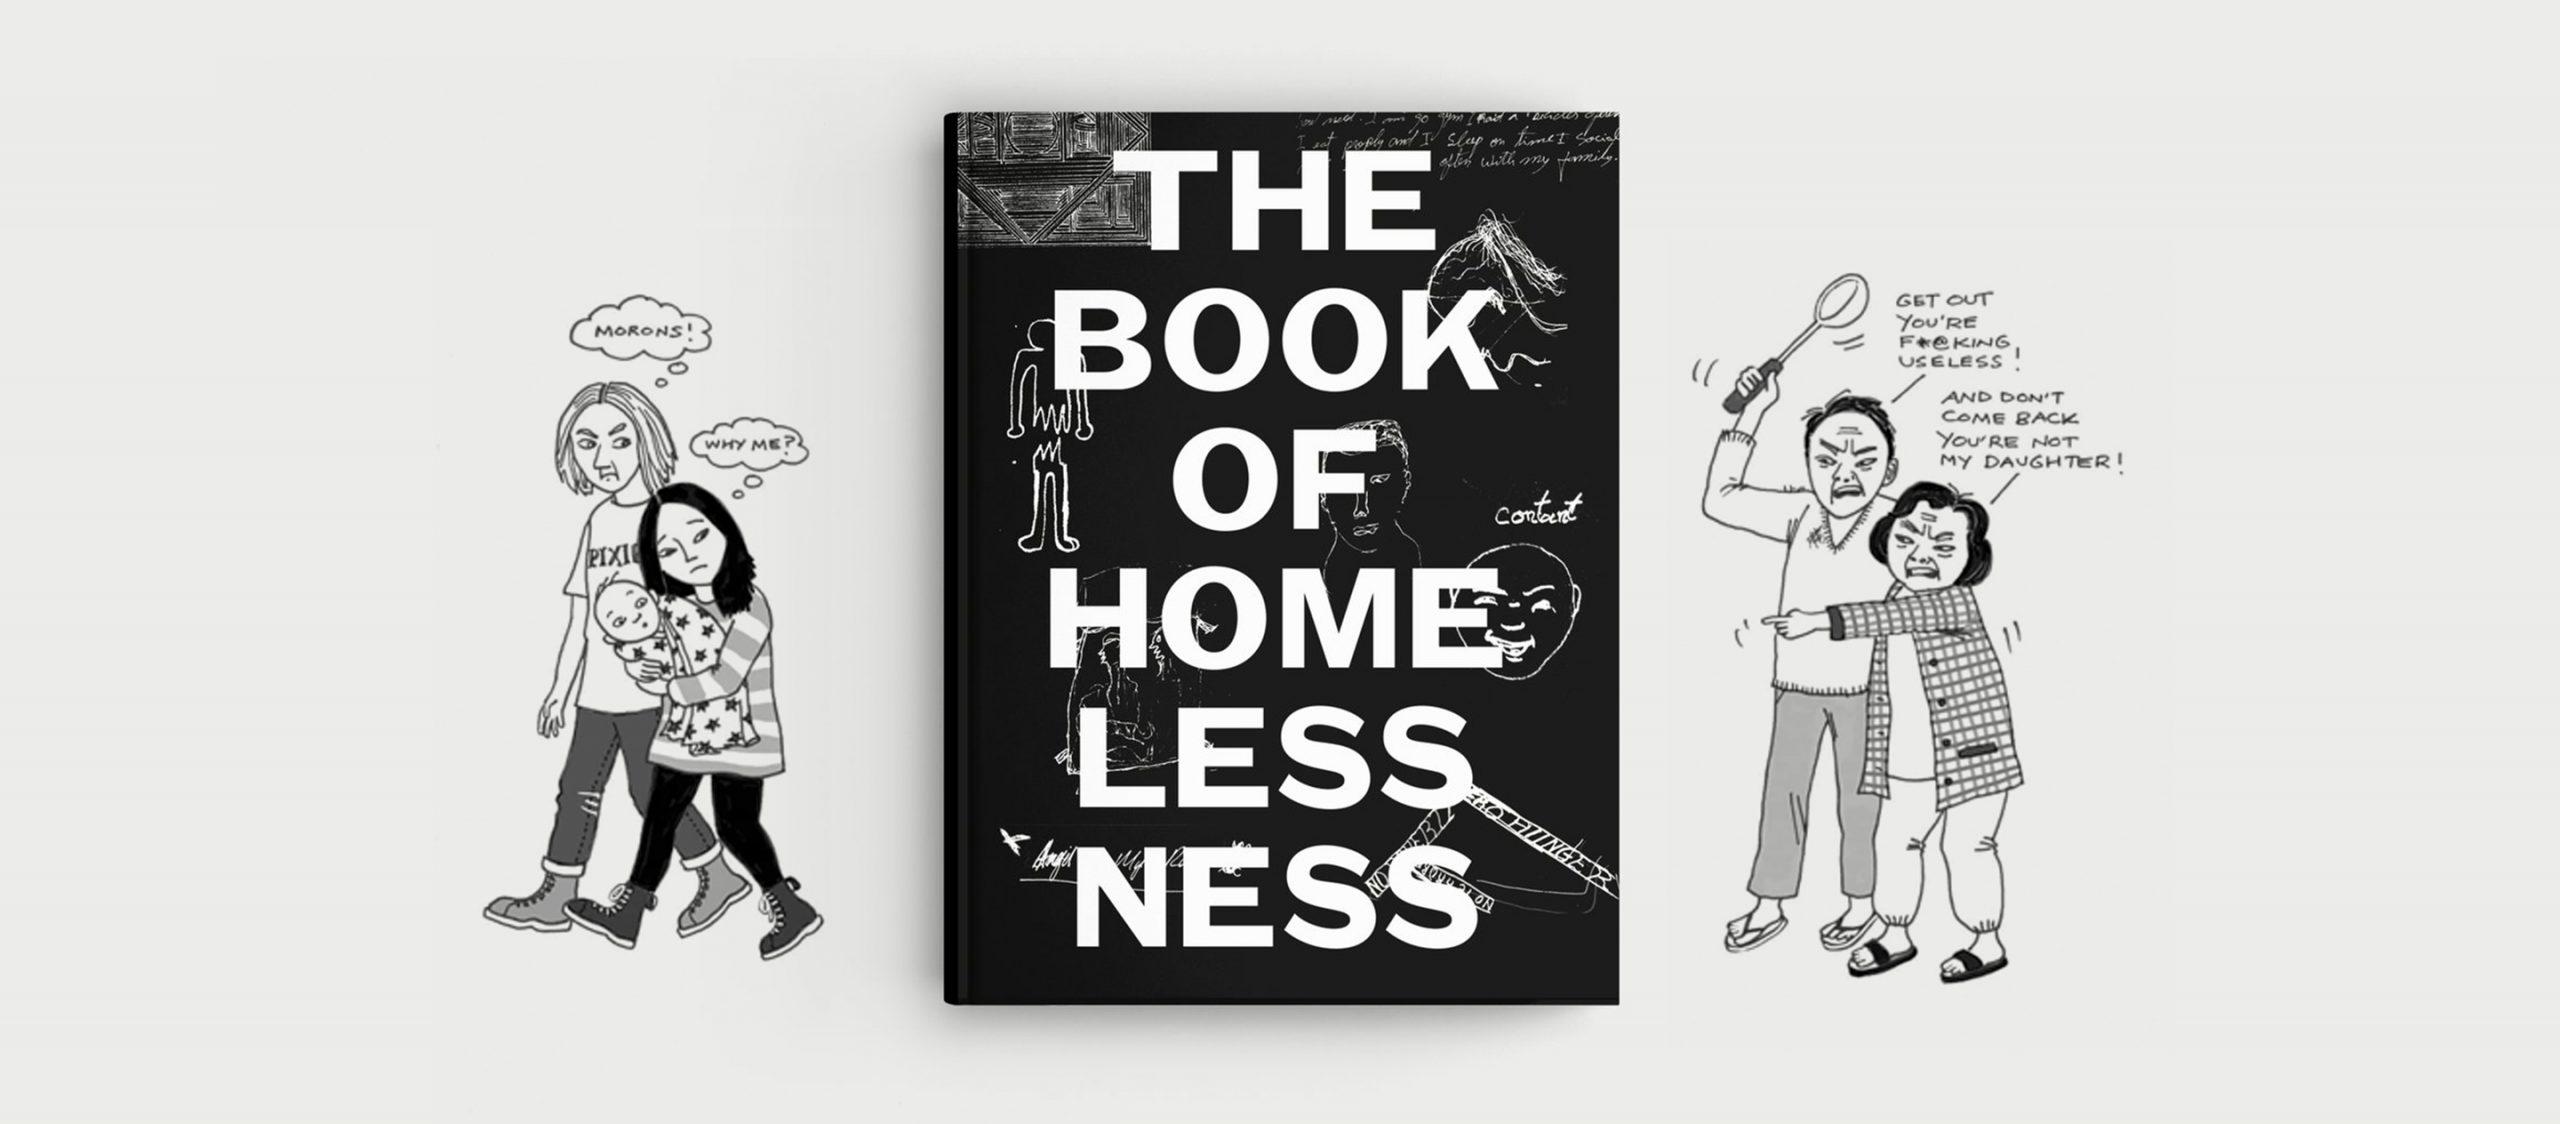 The Book of Homelessness หนังสือภาพเล่มแรกของโลกที่เด็กๆ ไร้บ้านวาดชีวิตของตัวเองด้วยตัวเอง